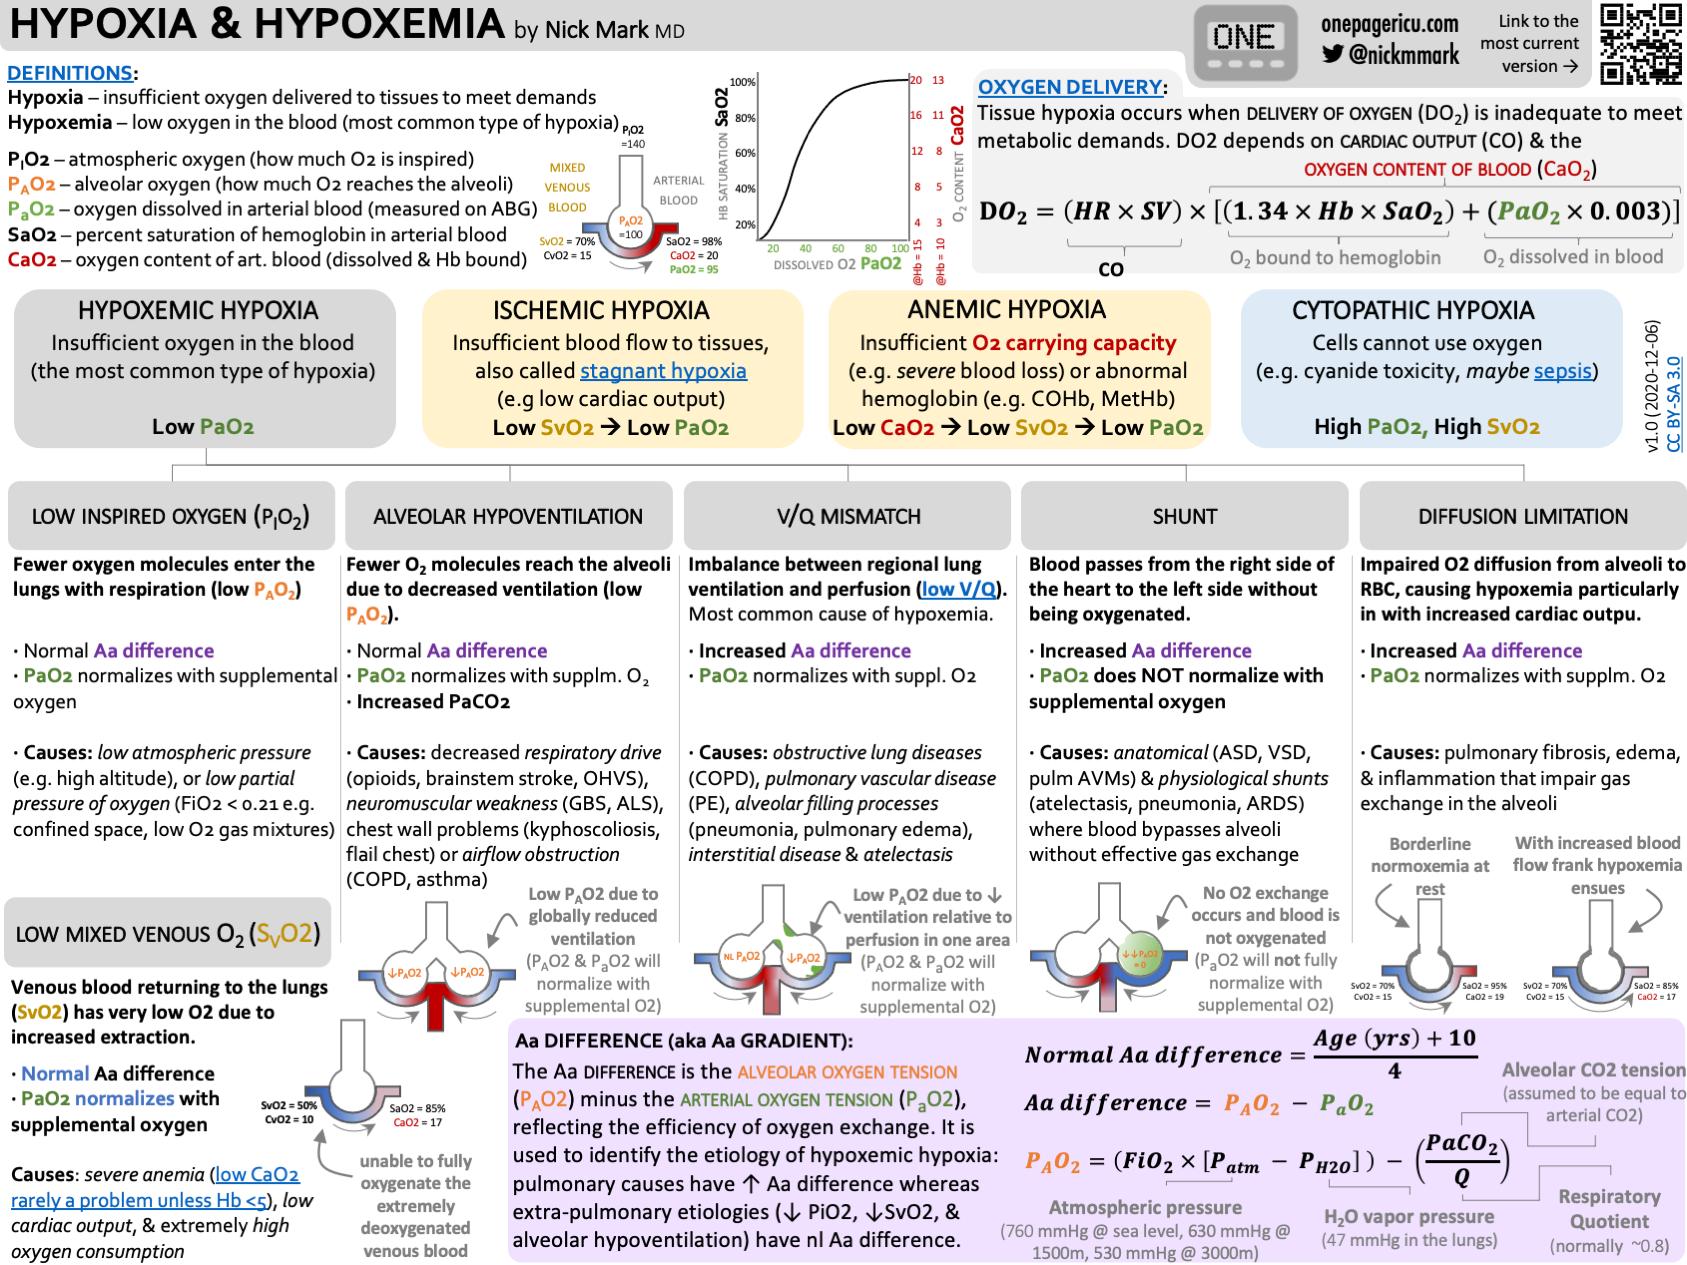 Hypoxia and hypoxemia